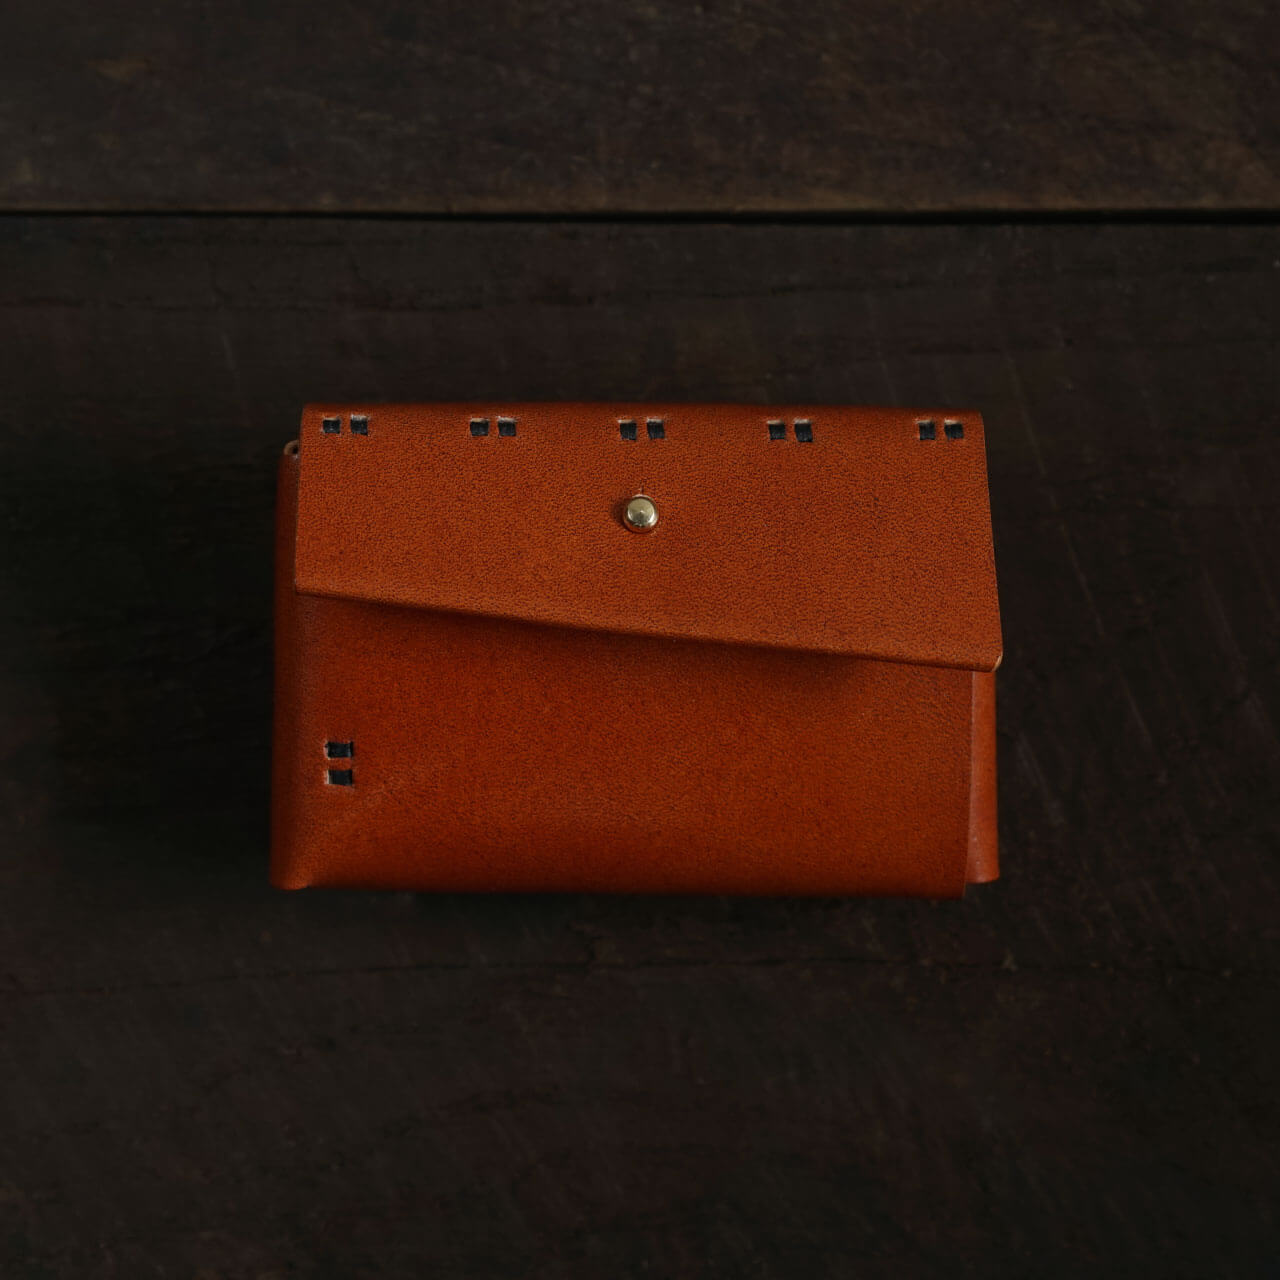 【縫い糸のカスタマイズ】小財布 柿渋染 + 縫い糸「黒」